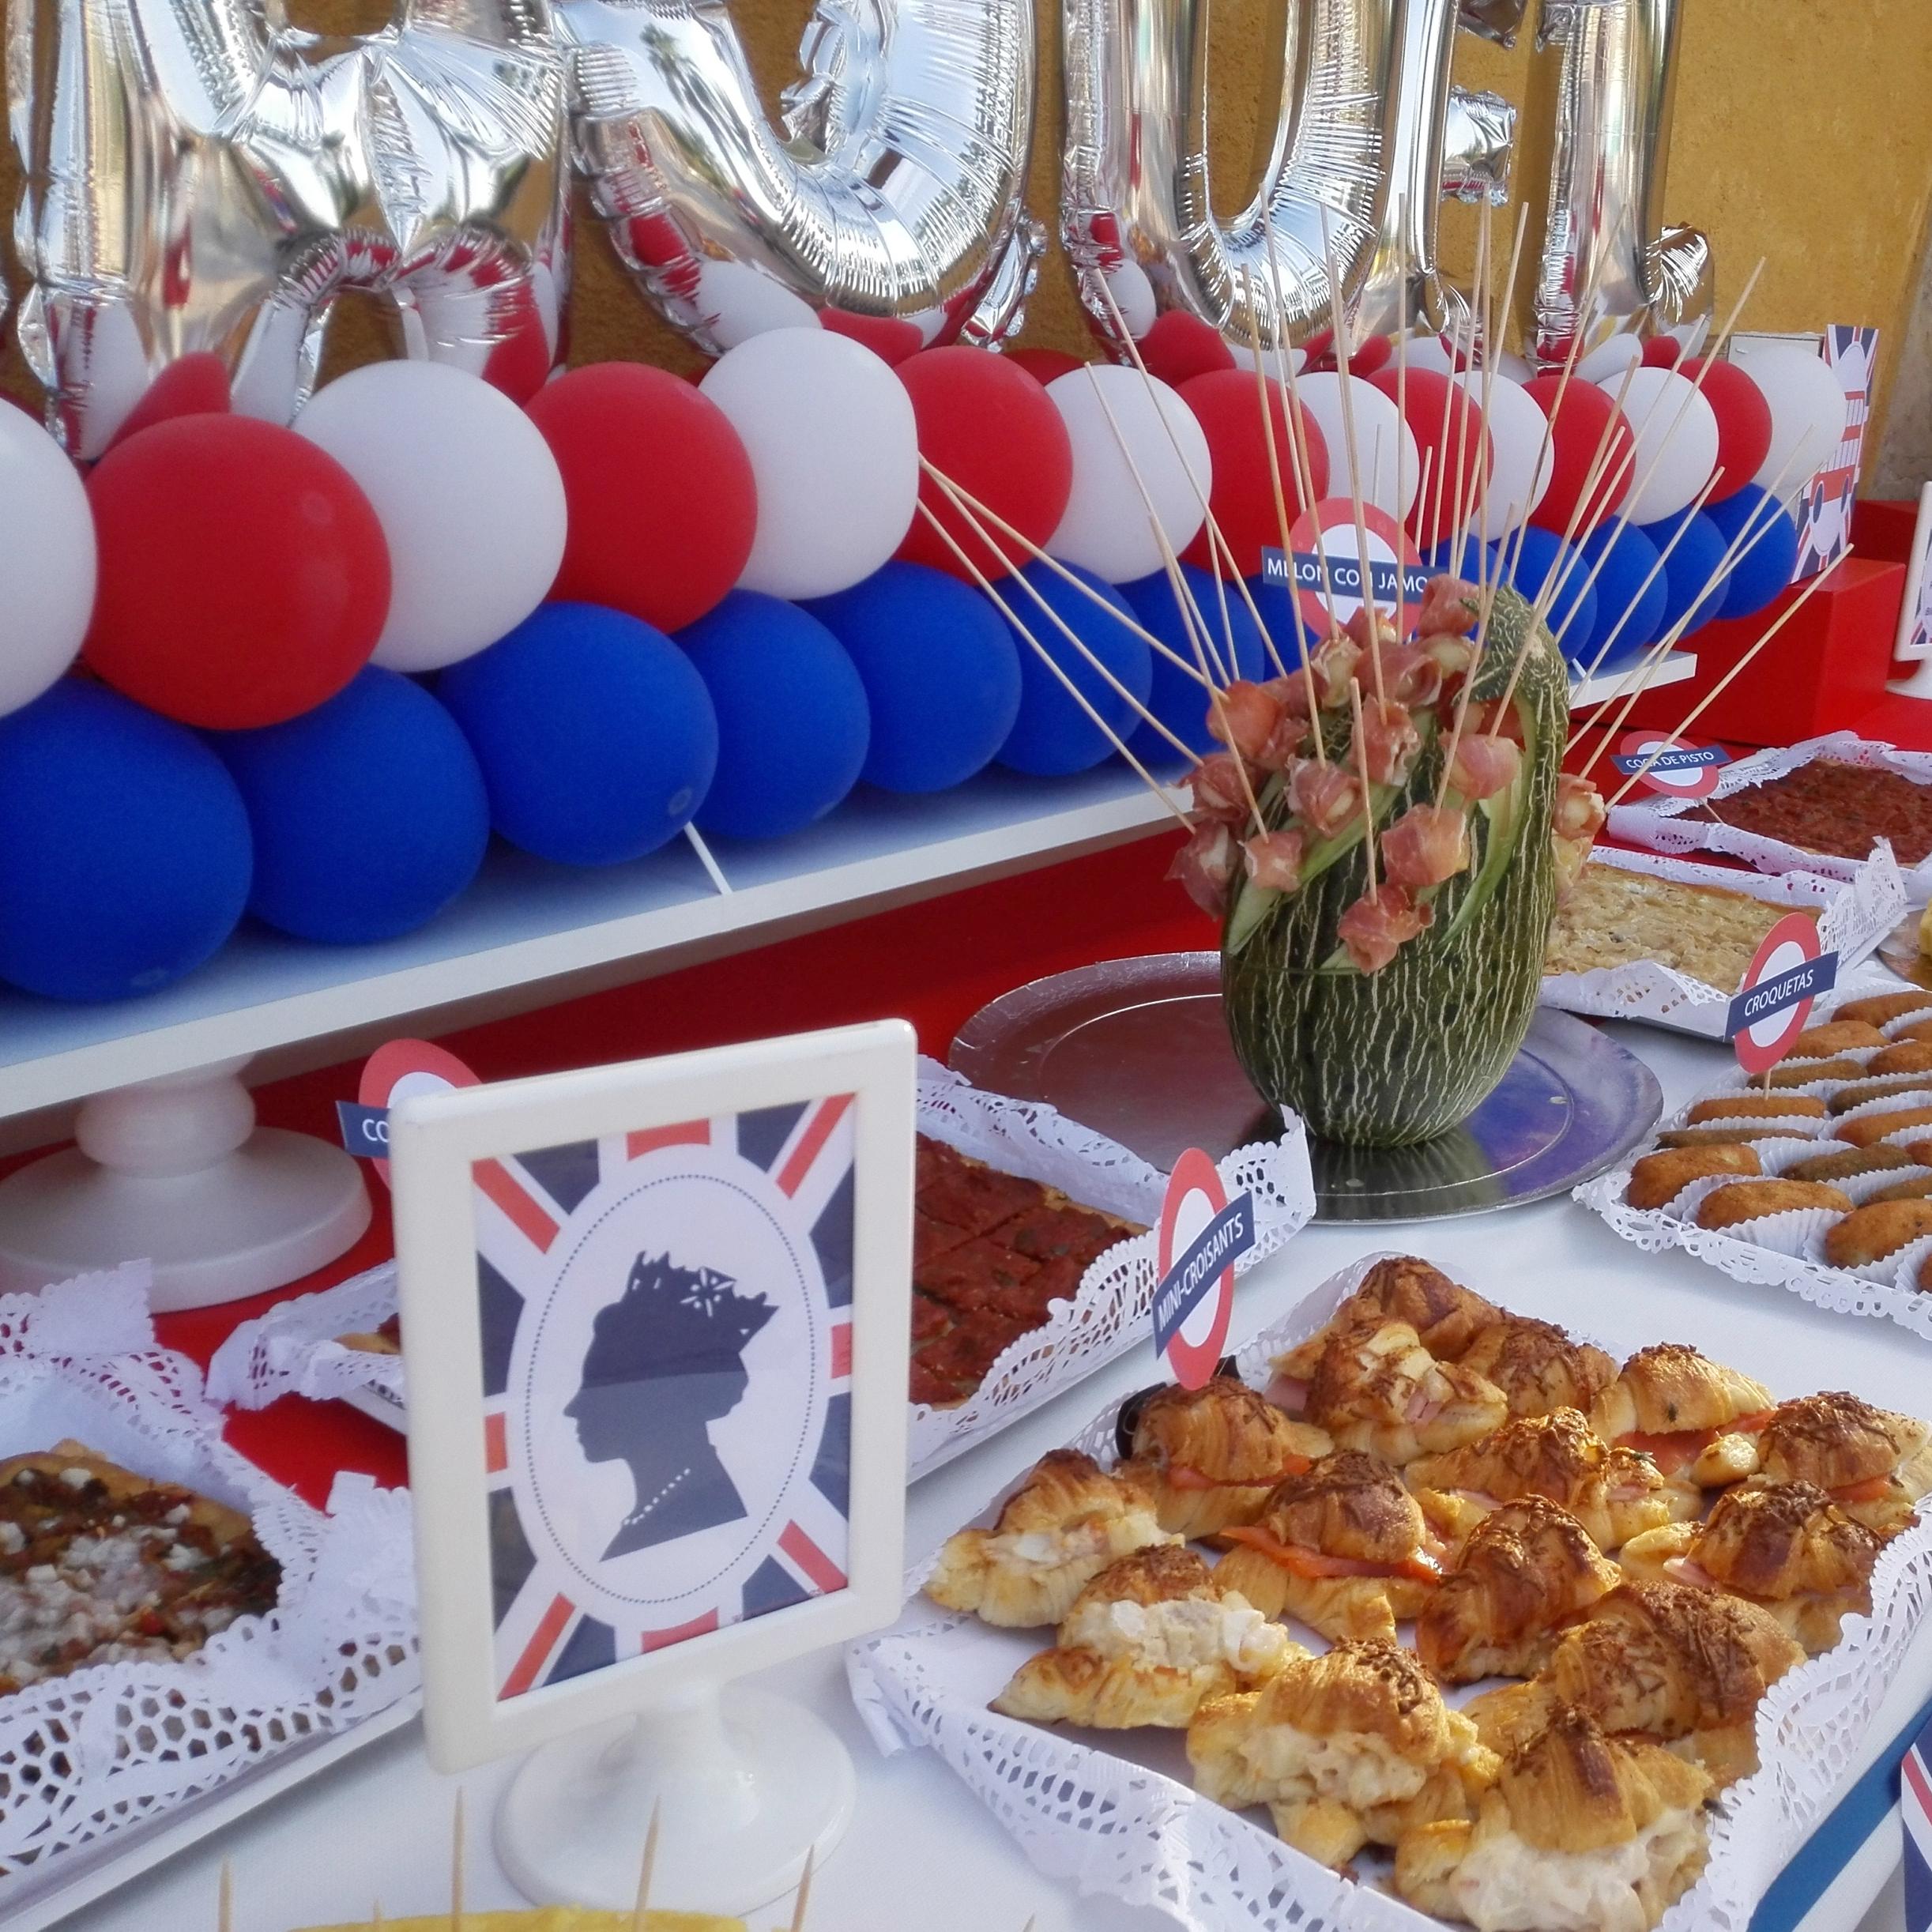 globo, cumpleaños, decoración, fiesta, evento, valencia, fallas, presentación, mesa dulce, chuches, fiesta, golosinas, foil, números,boda, suelta, número